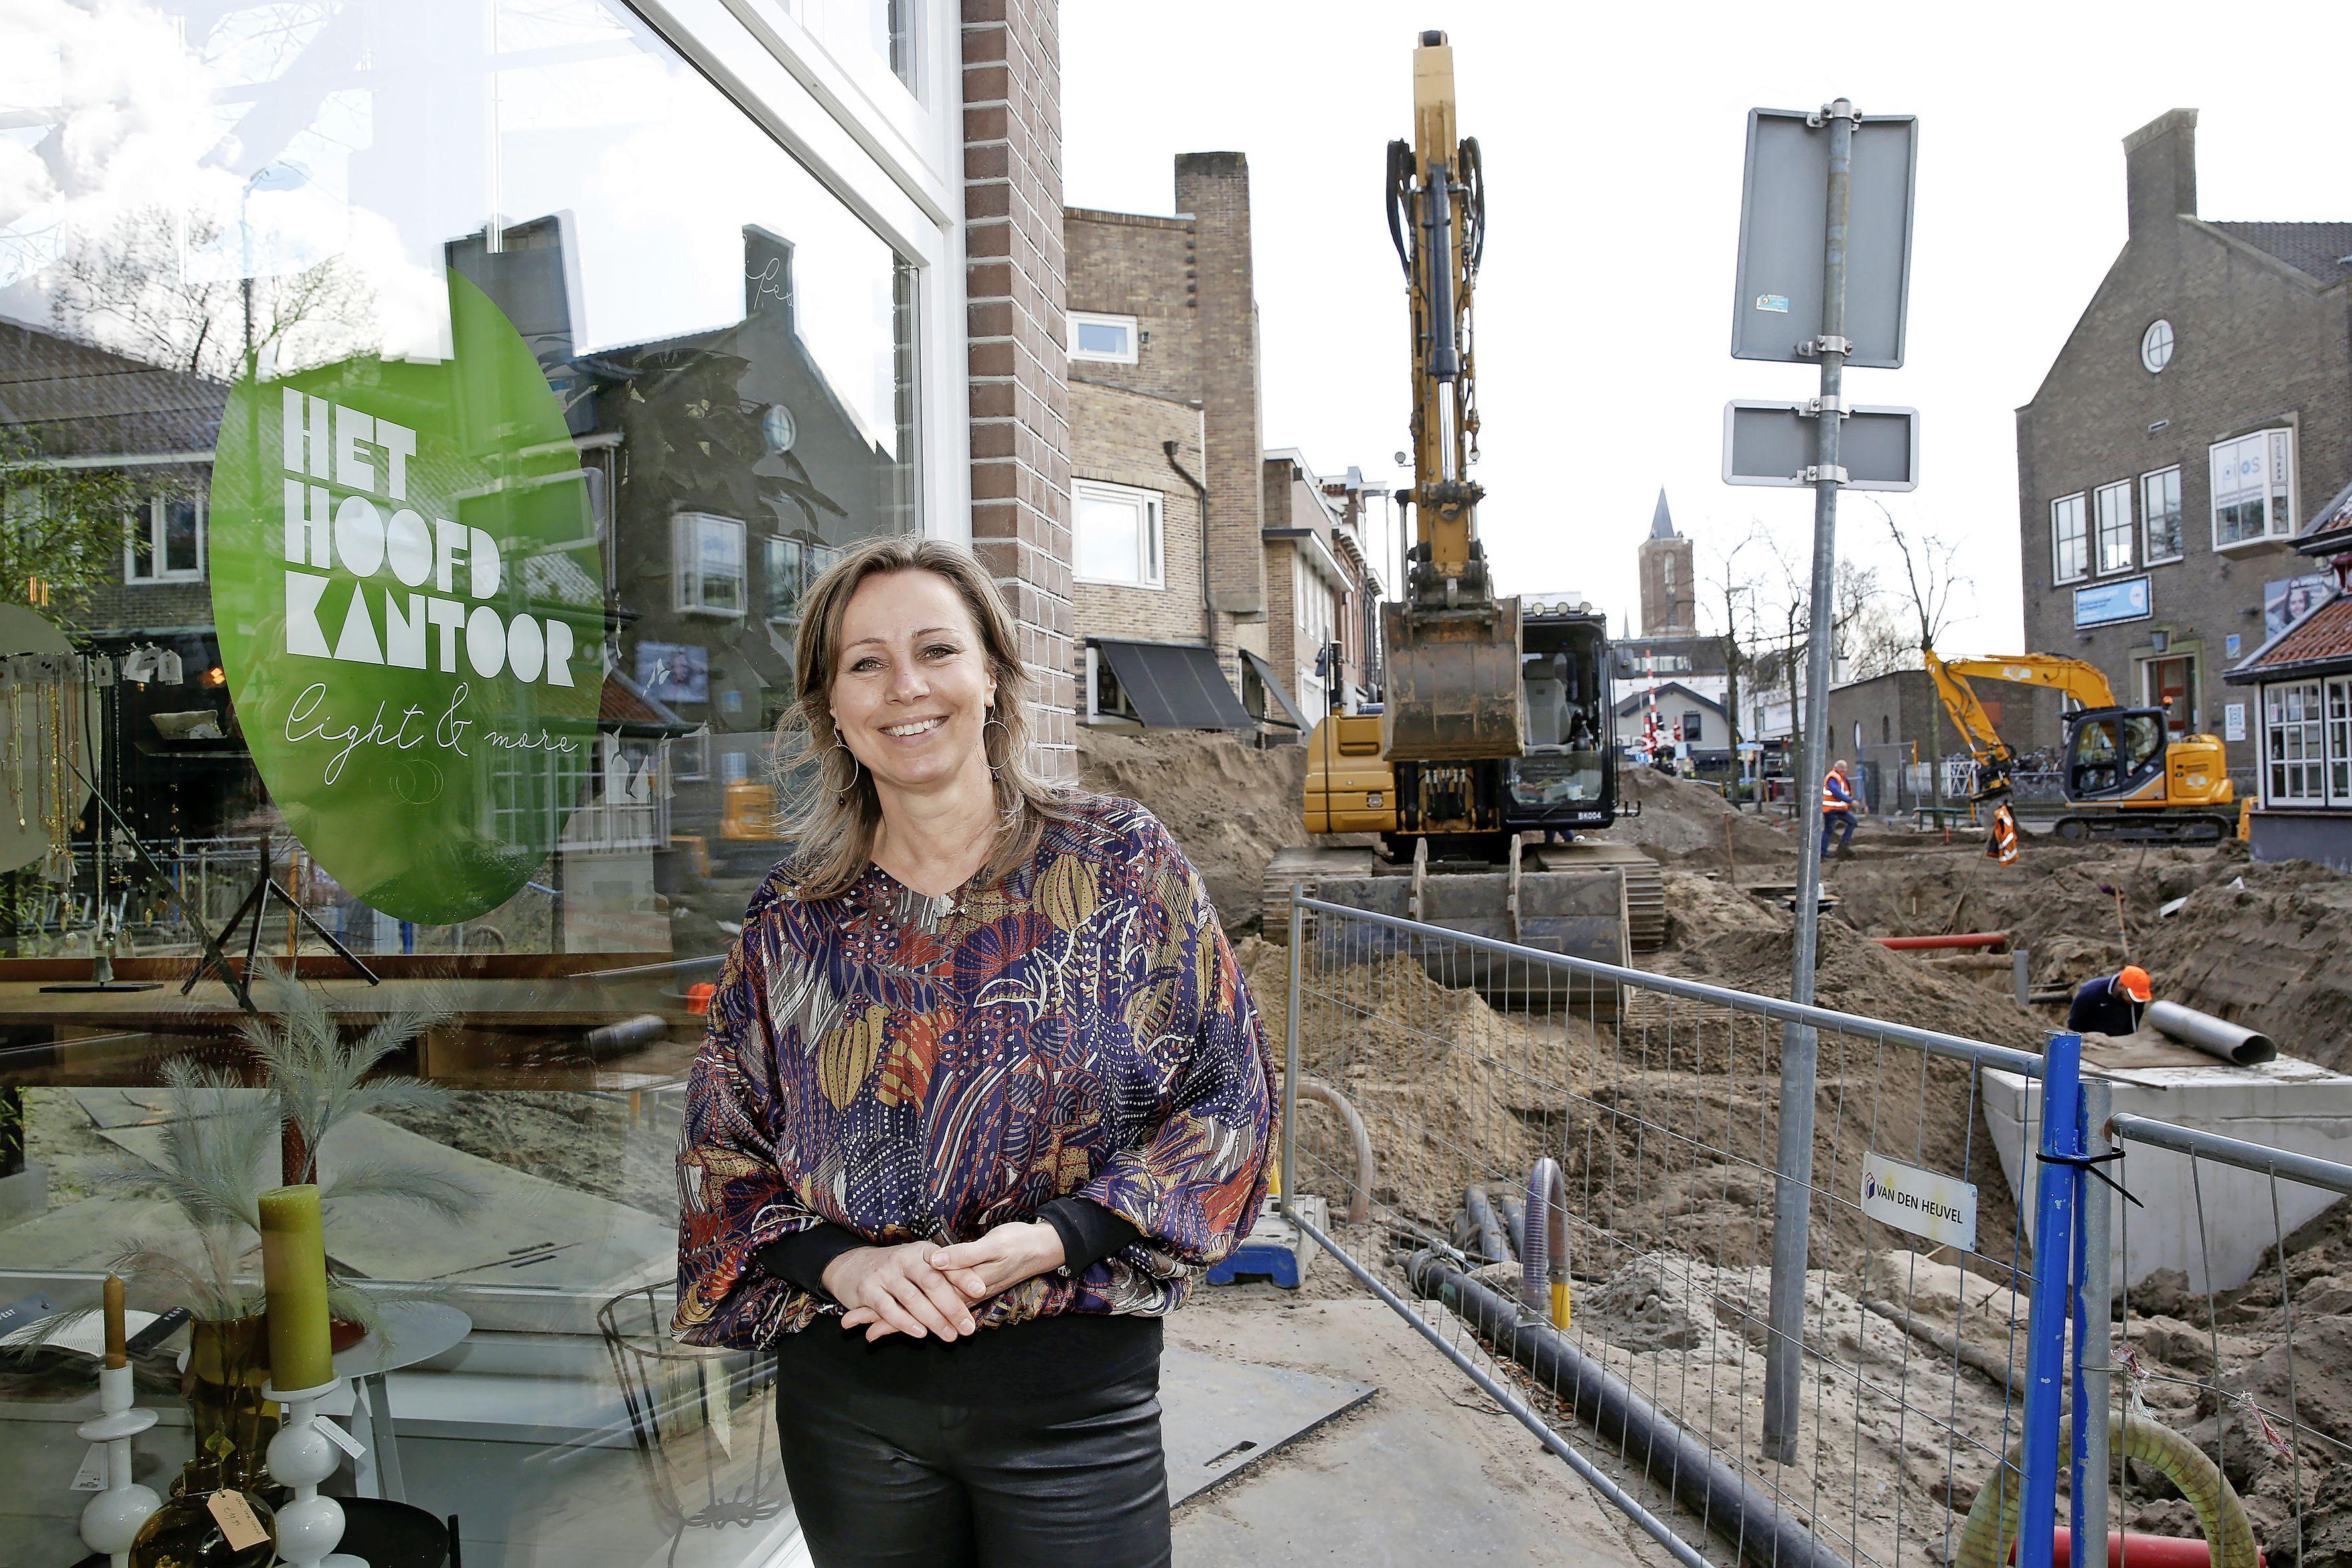 'Gemeente help ons.' Bussumse ondernemers in Herenstraat en Spiegelstraat balen van vertraagde wegwerkzaamheden; 'Bovenop corona slecht bereikbaar en onveilige situatie voor de deur'